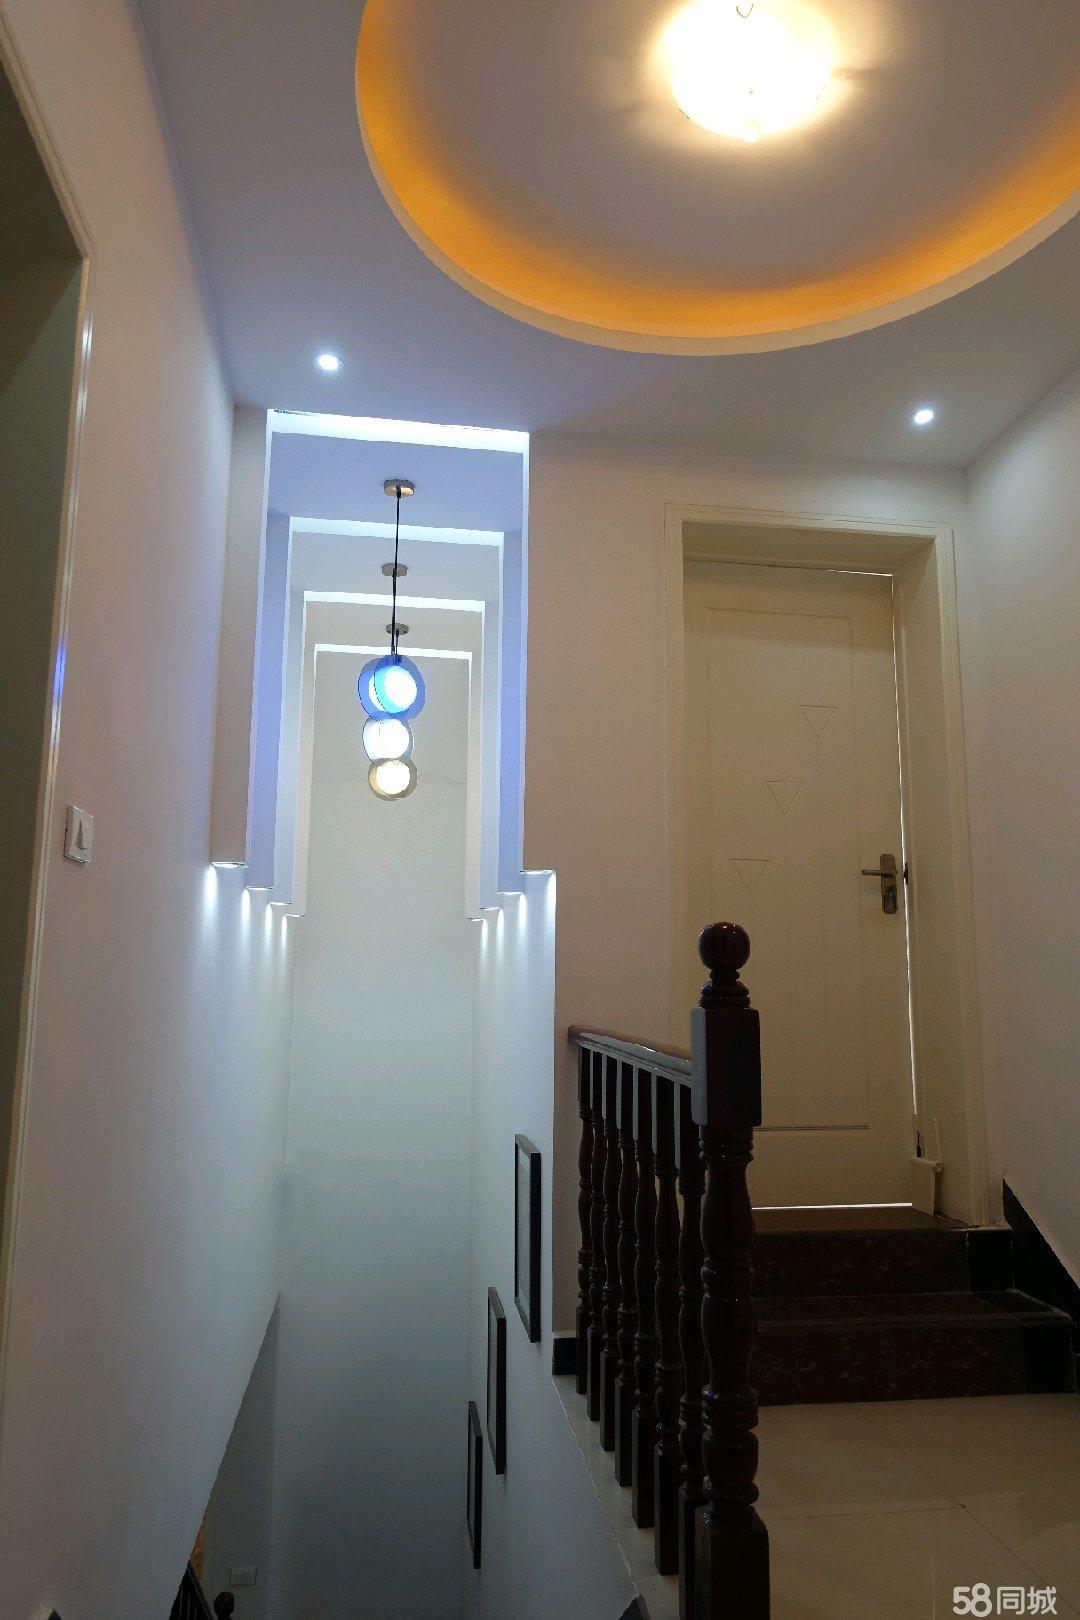 汝阳县精装楼中楼,大露台,有暖气、车库,装修精致简约不土味!